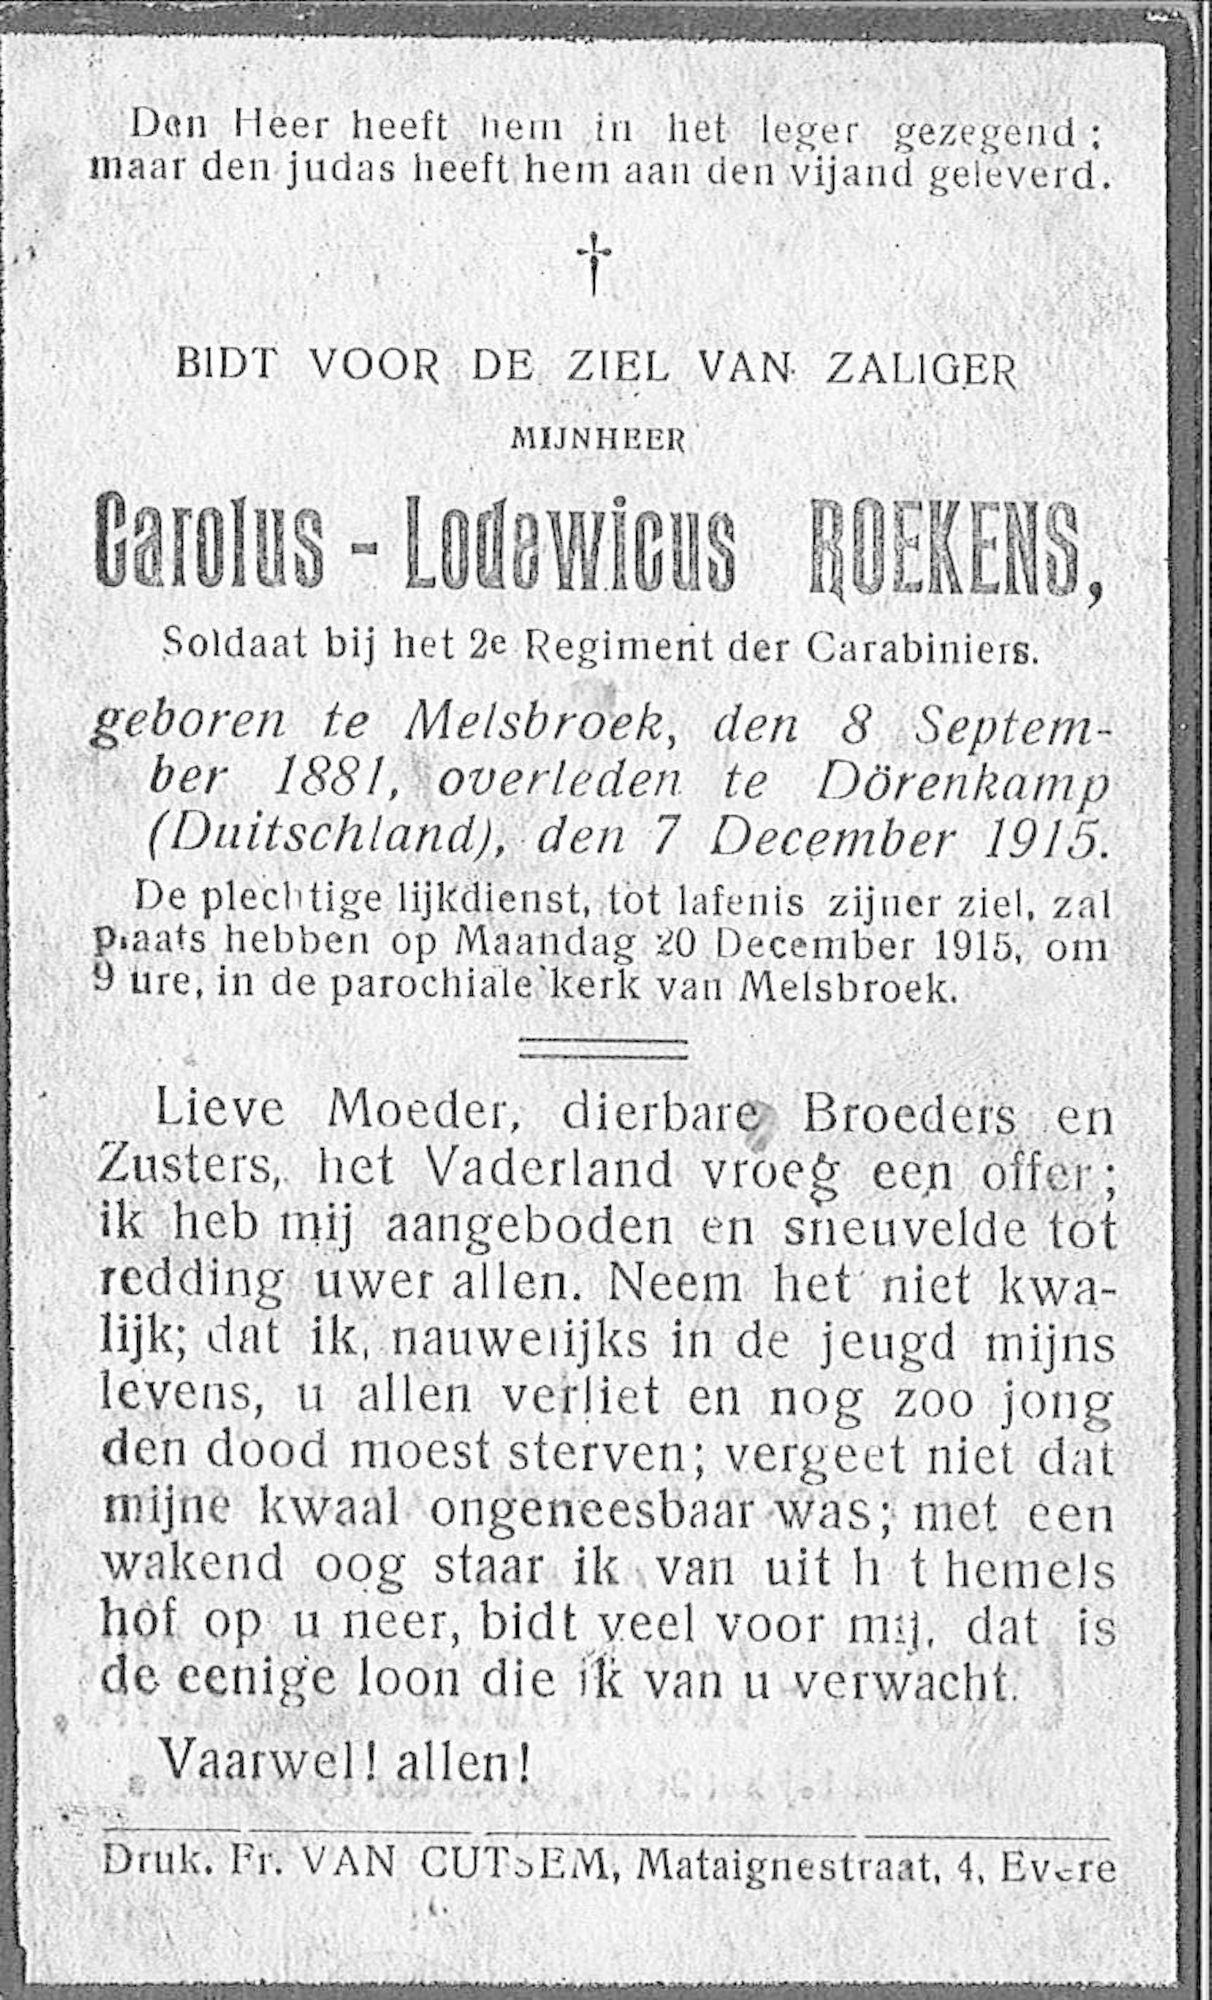 Carolus-Lodewicus Roekens